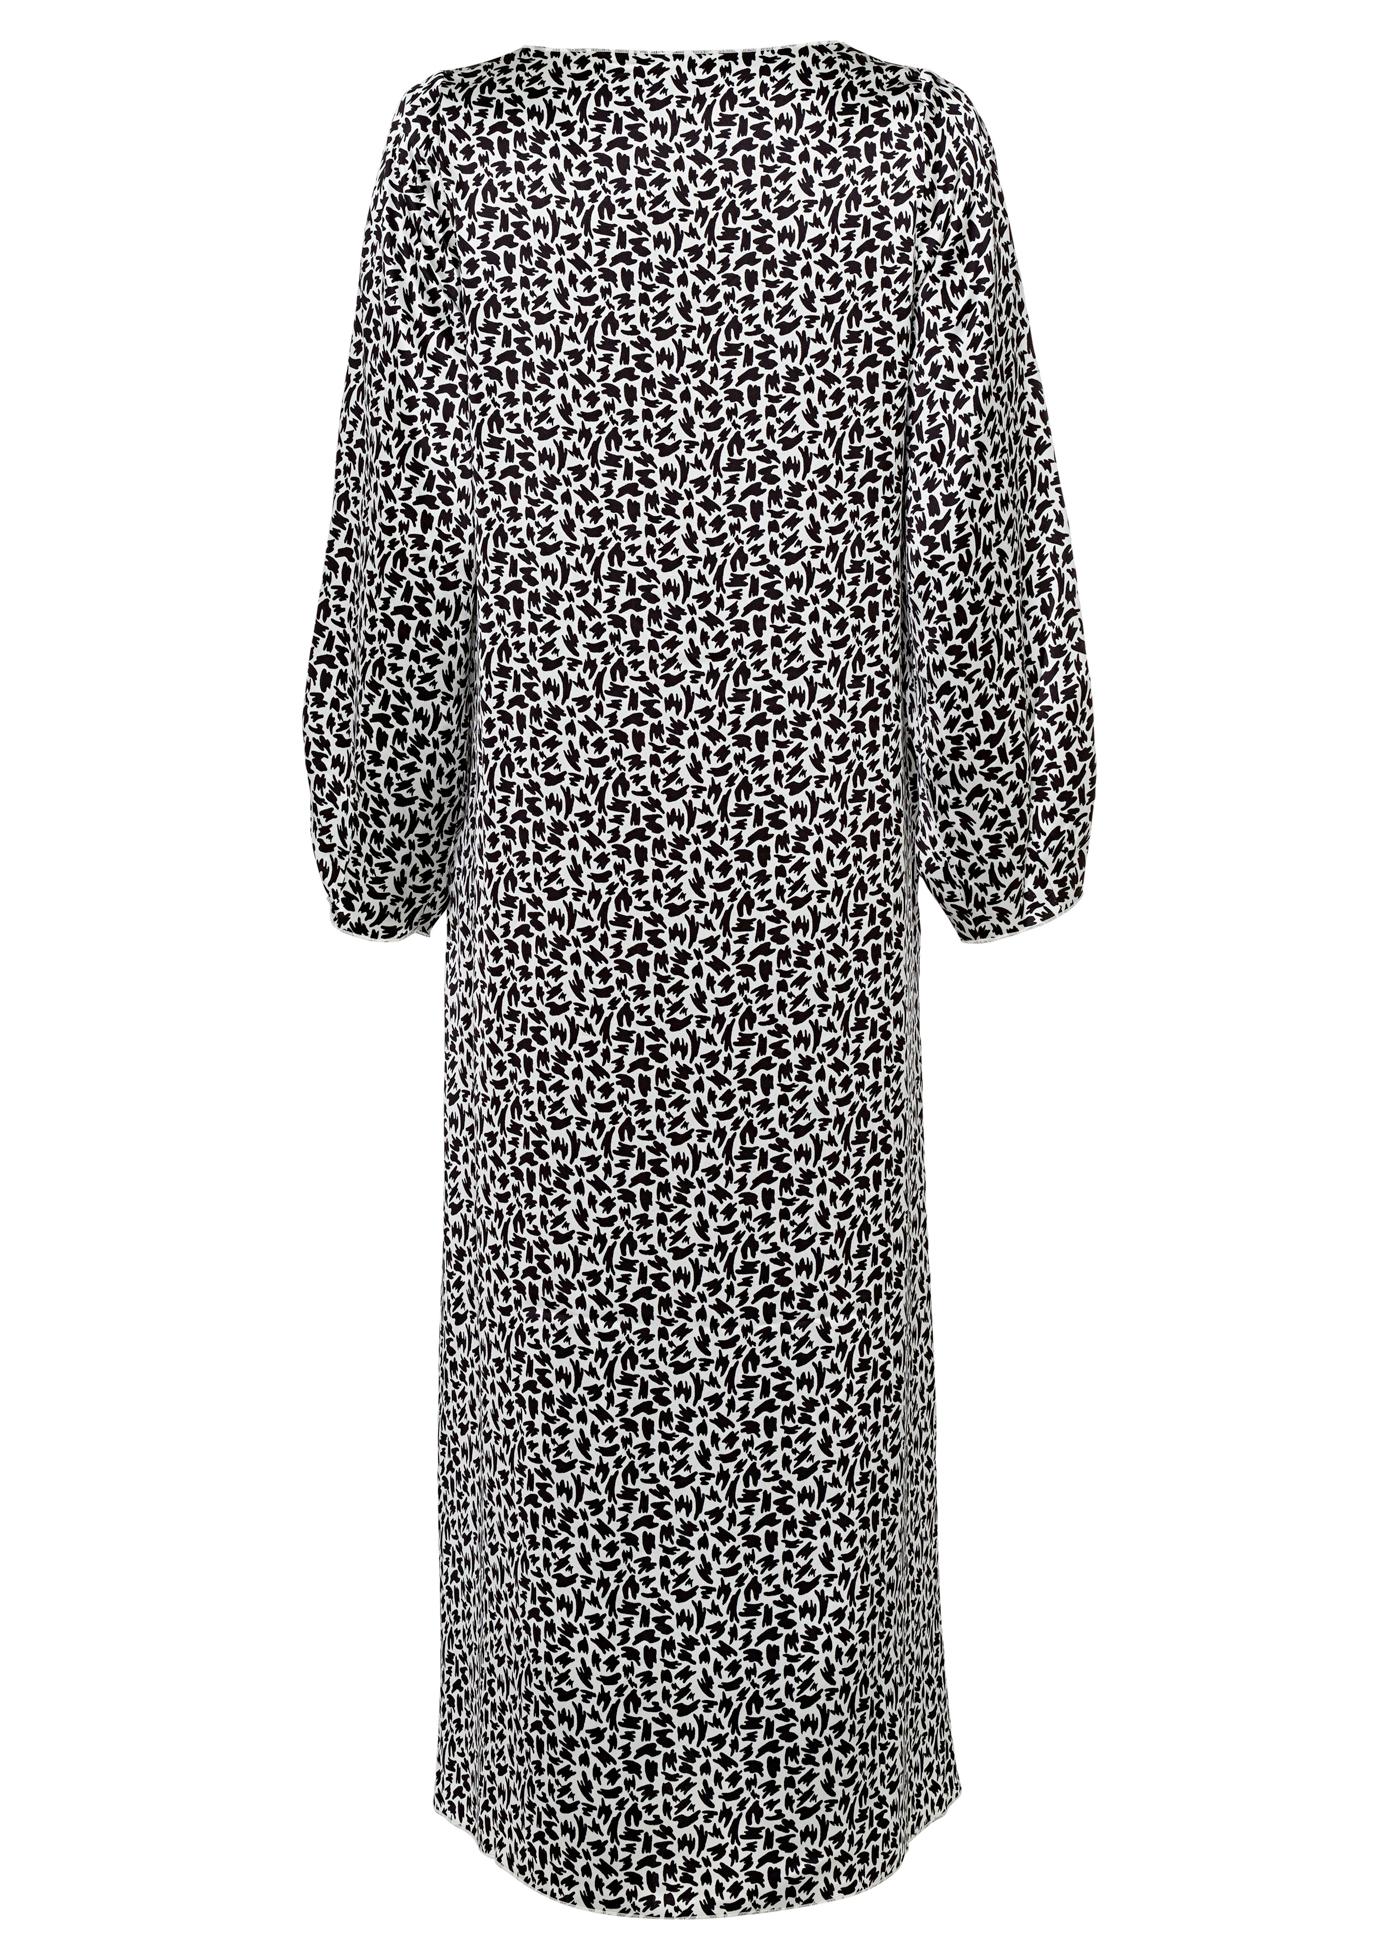 EMBELLA Dress image number 1